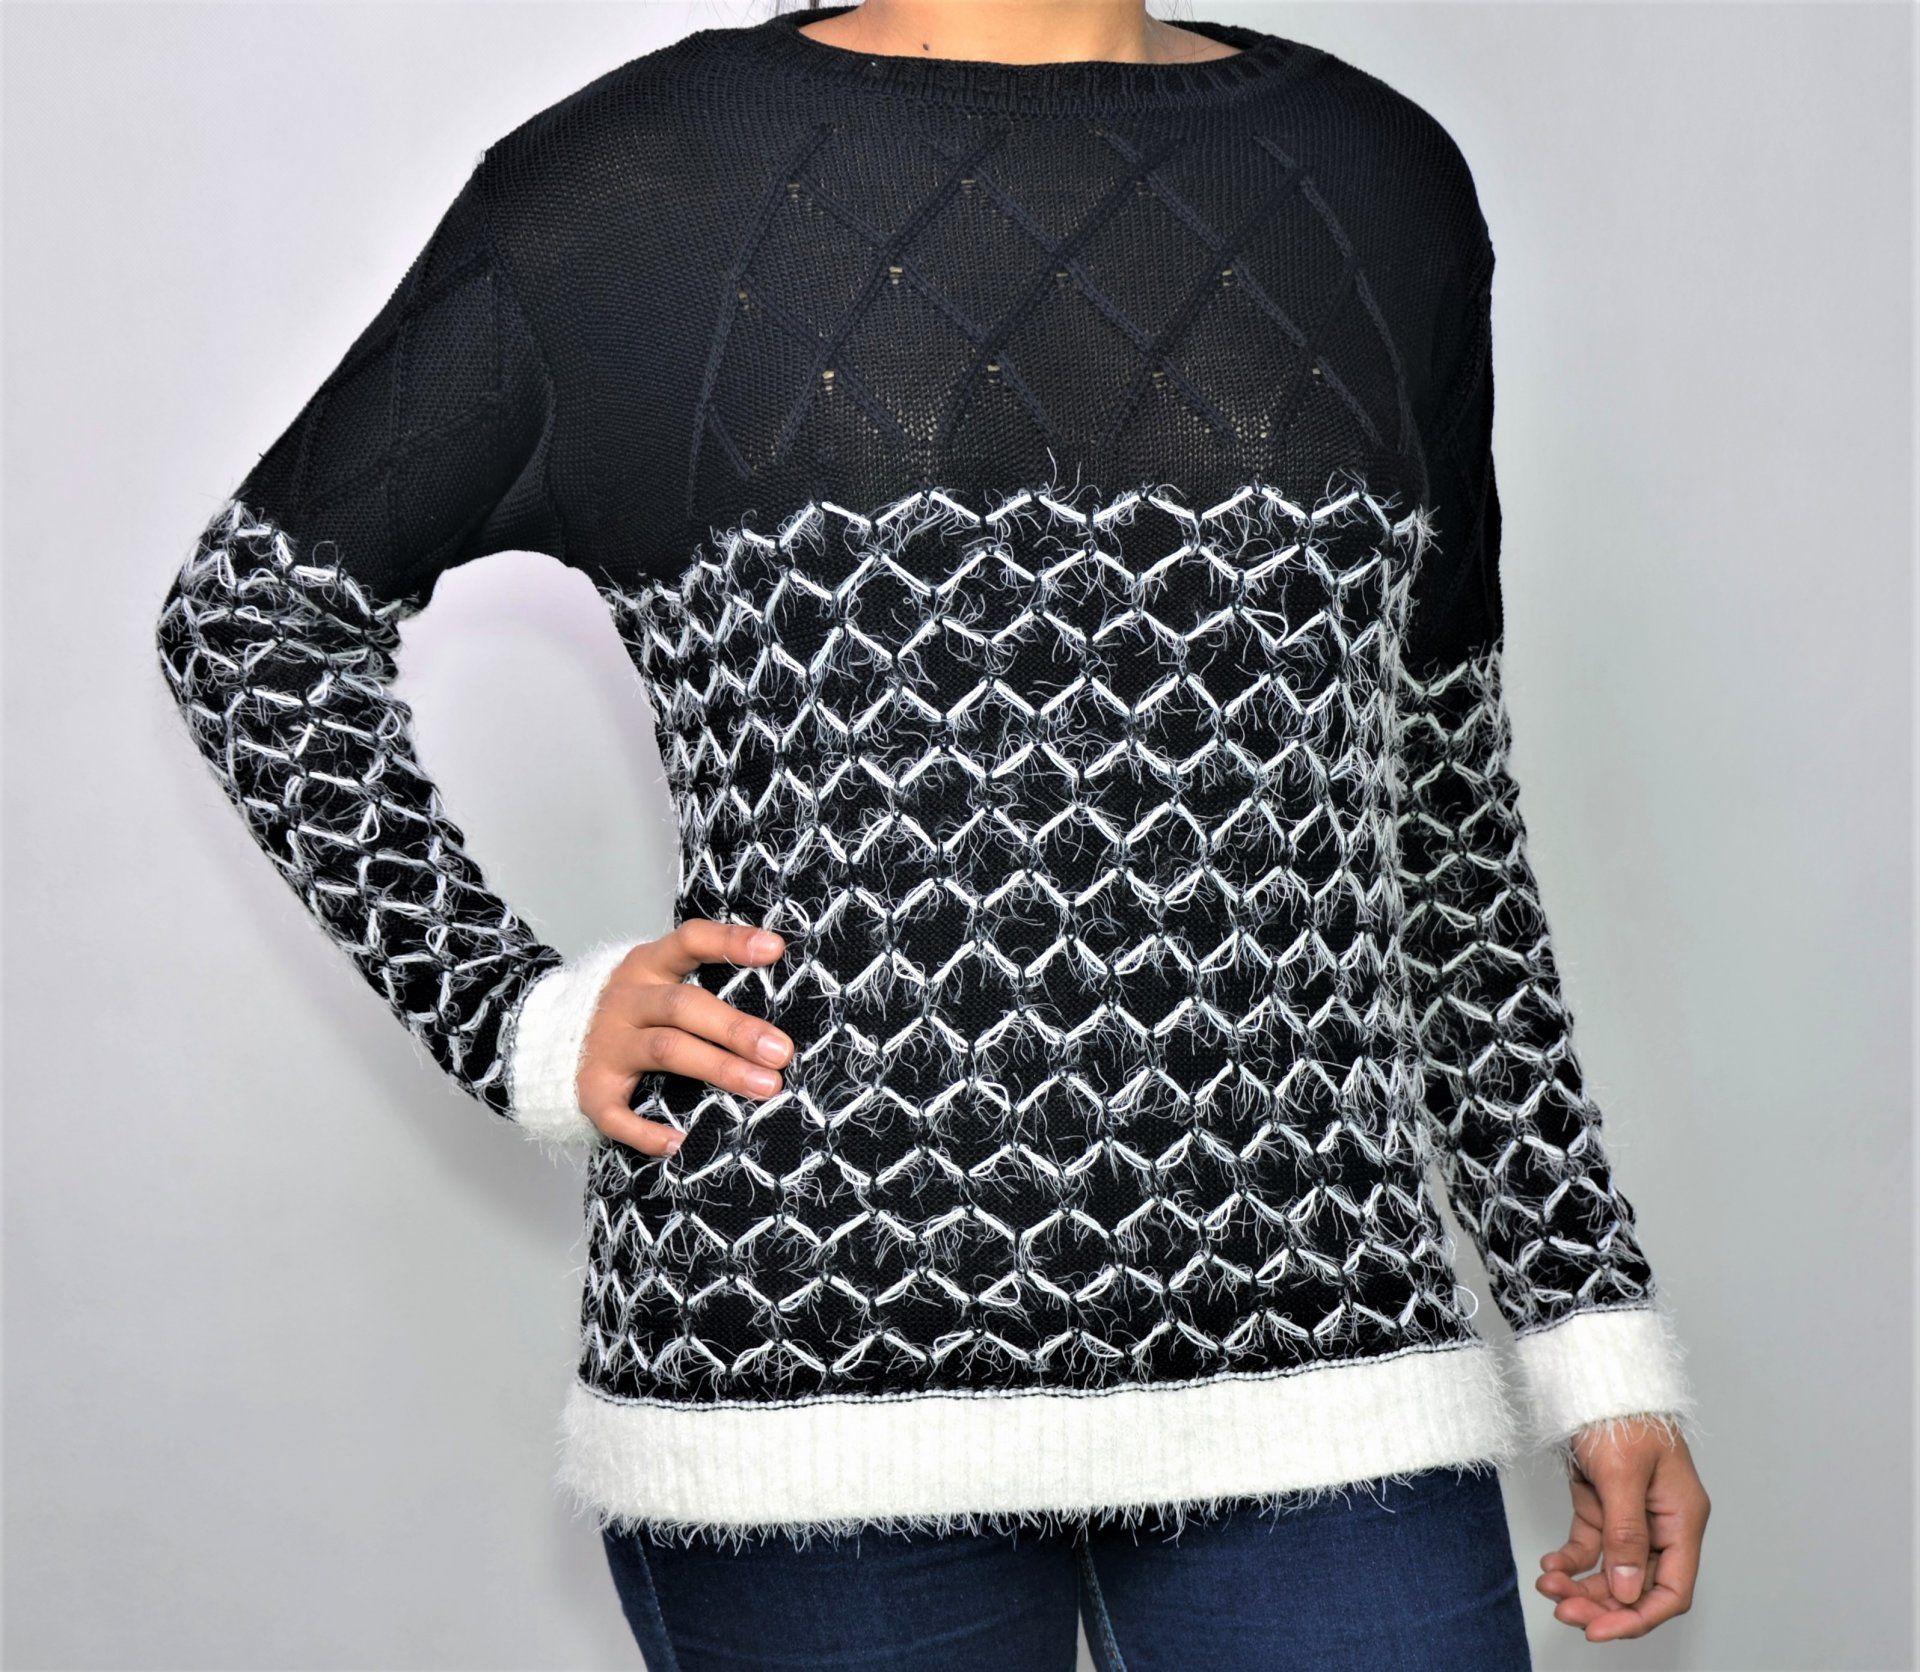 blusa-teia-038if18